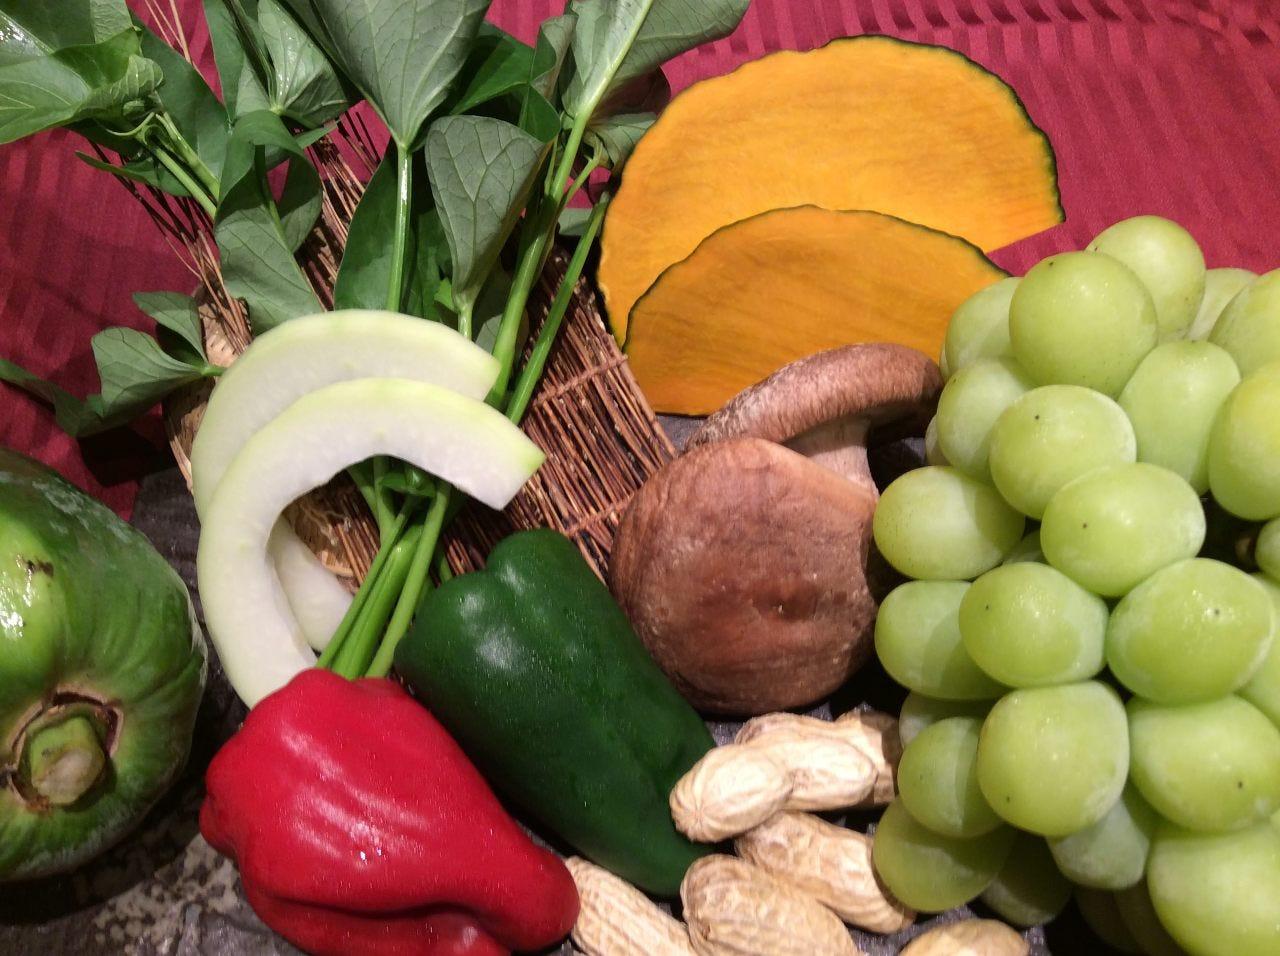 宮崎産の新鮮な野菜やフルーツを使用